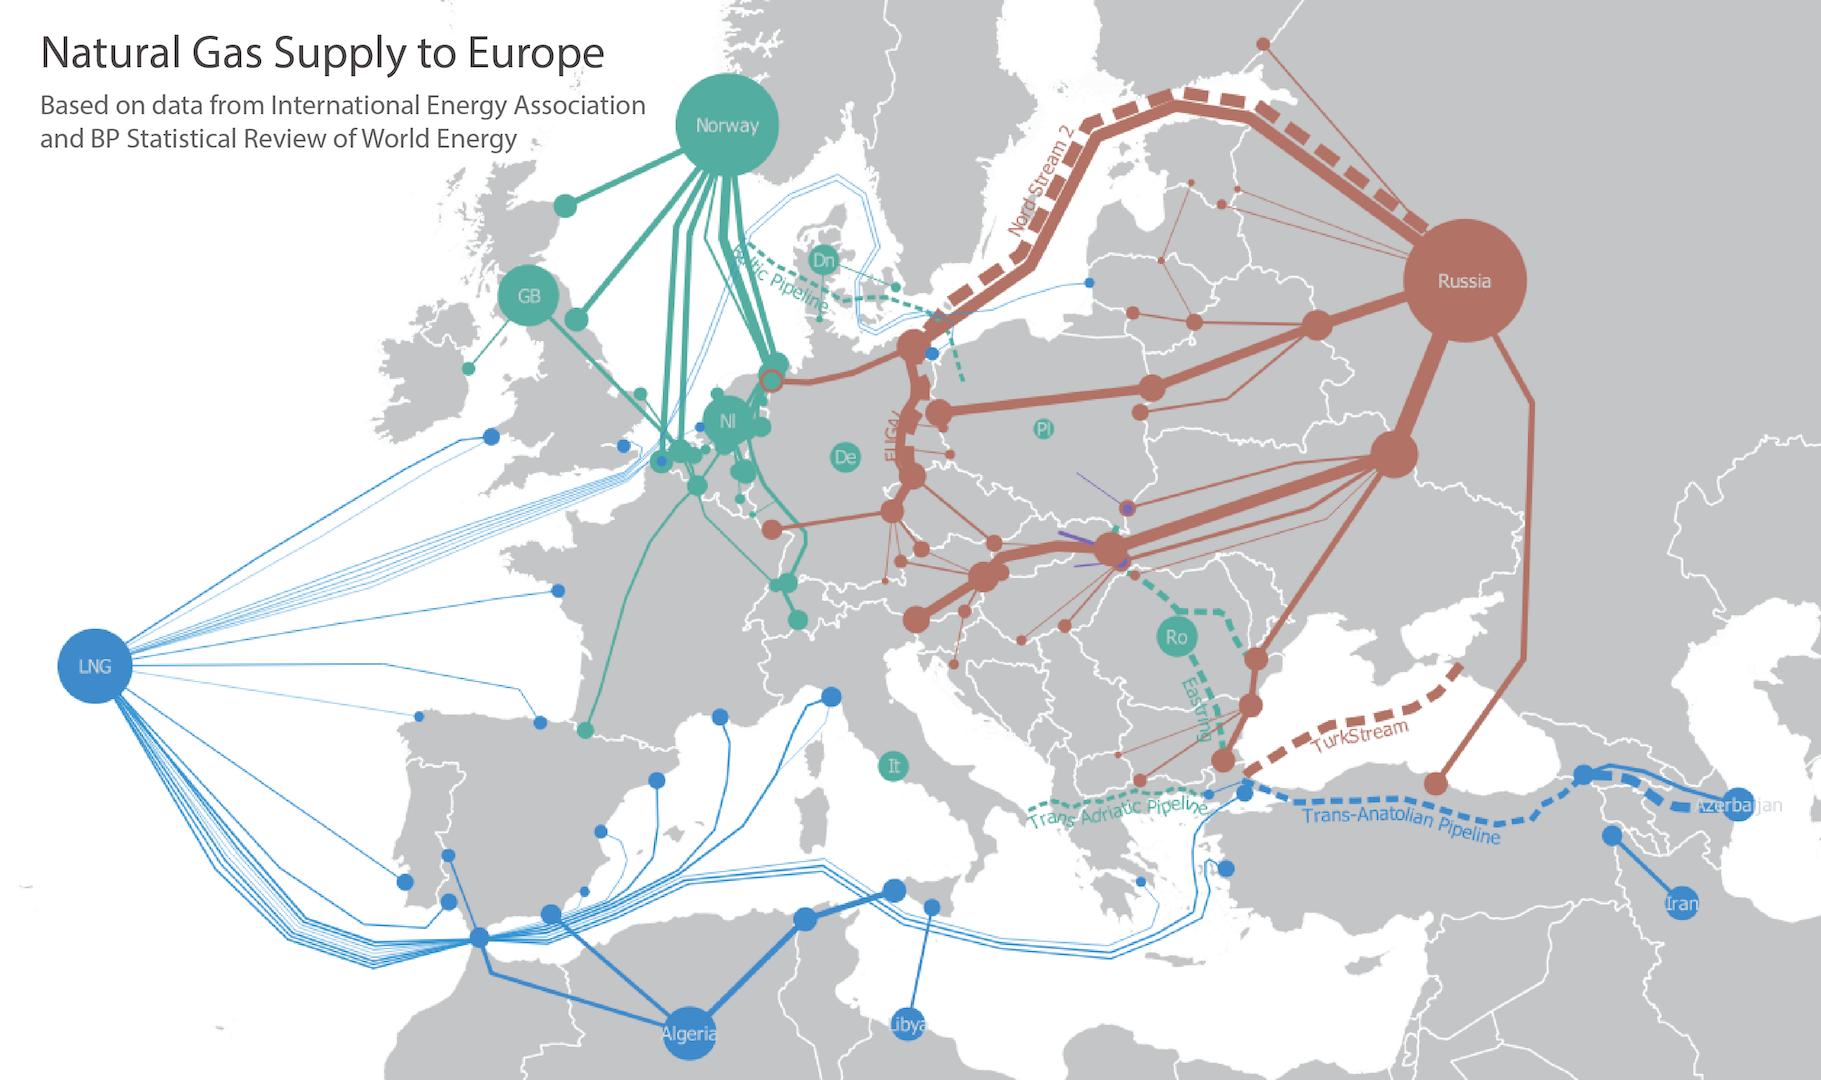 Η ενέργεια φέρνει πιο κοντά Ρωσία και Σλοβακία – Τί σημαίνει αυτό για την Ευρώπη